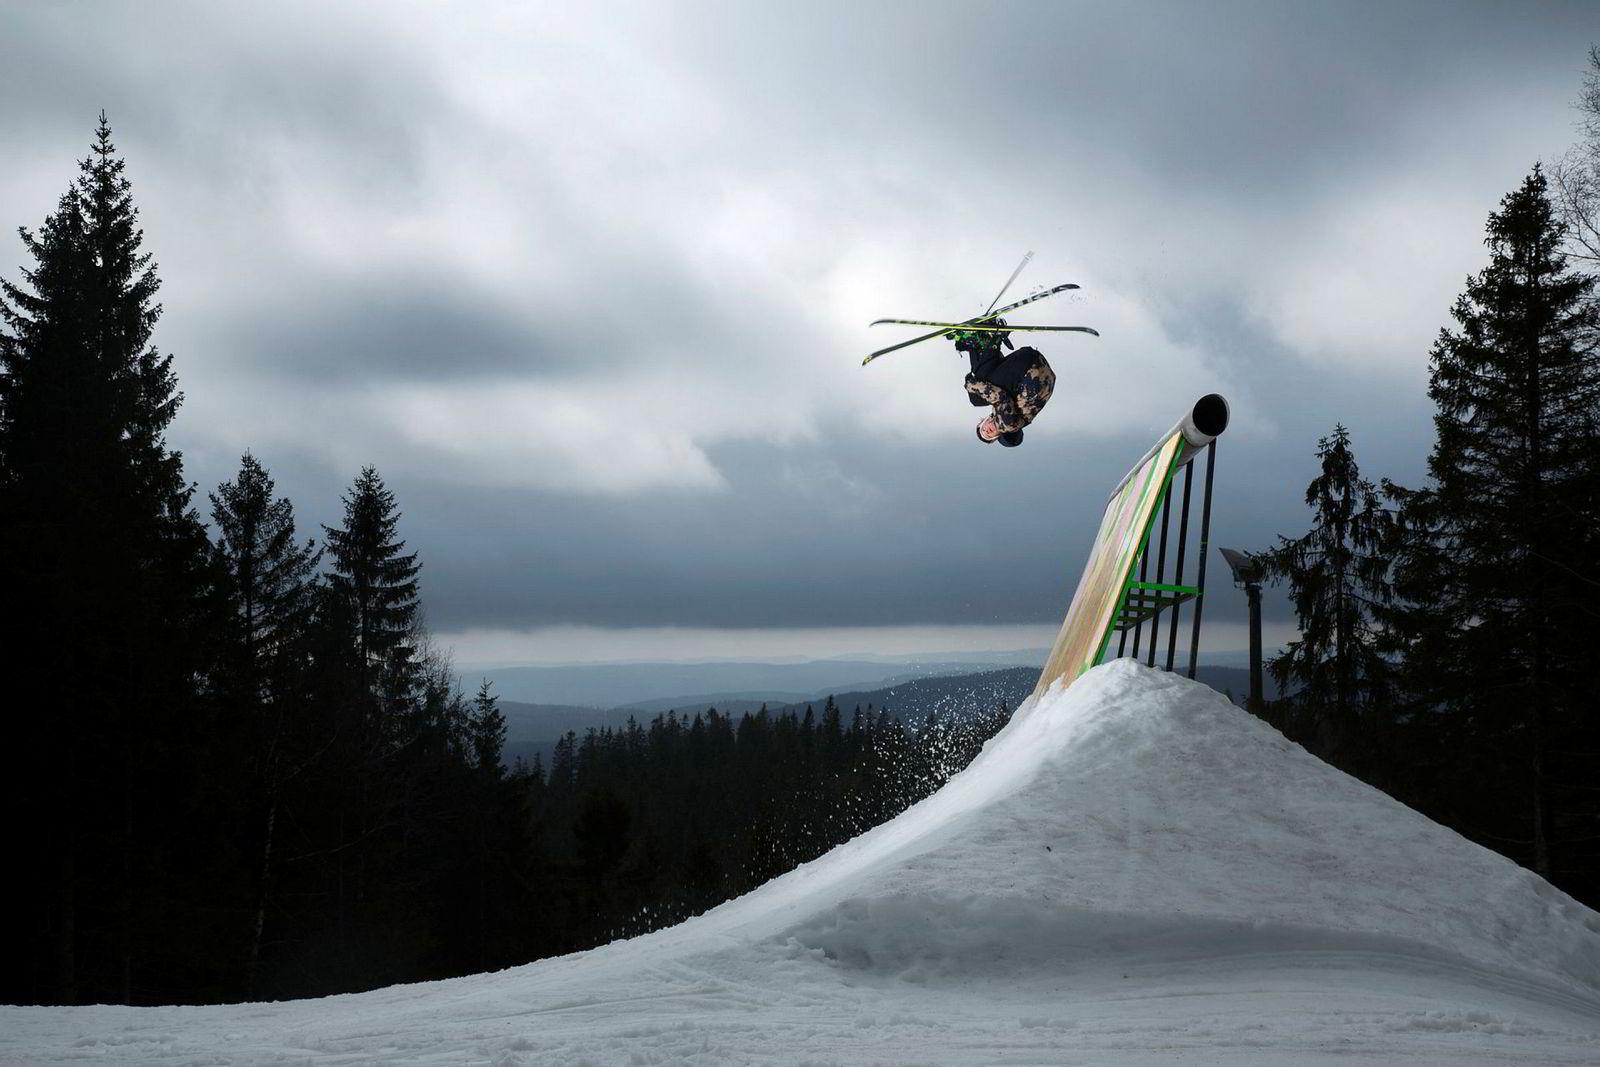 Felix Stridsberg Usterud beveger seg stilfullt gjennom luften over toppen av wallriden som er et element av terrengparken i Oslo Vinterpark.